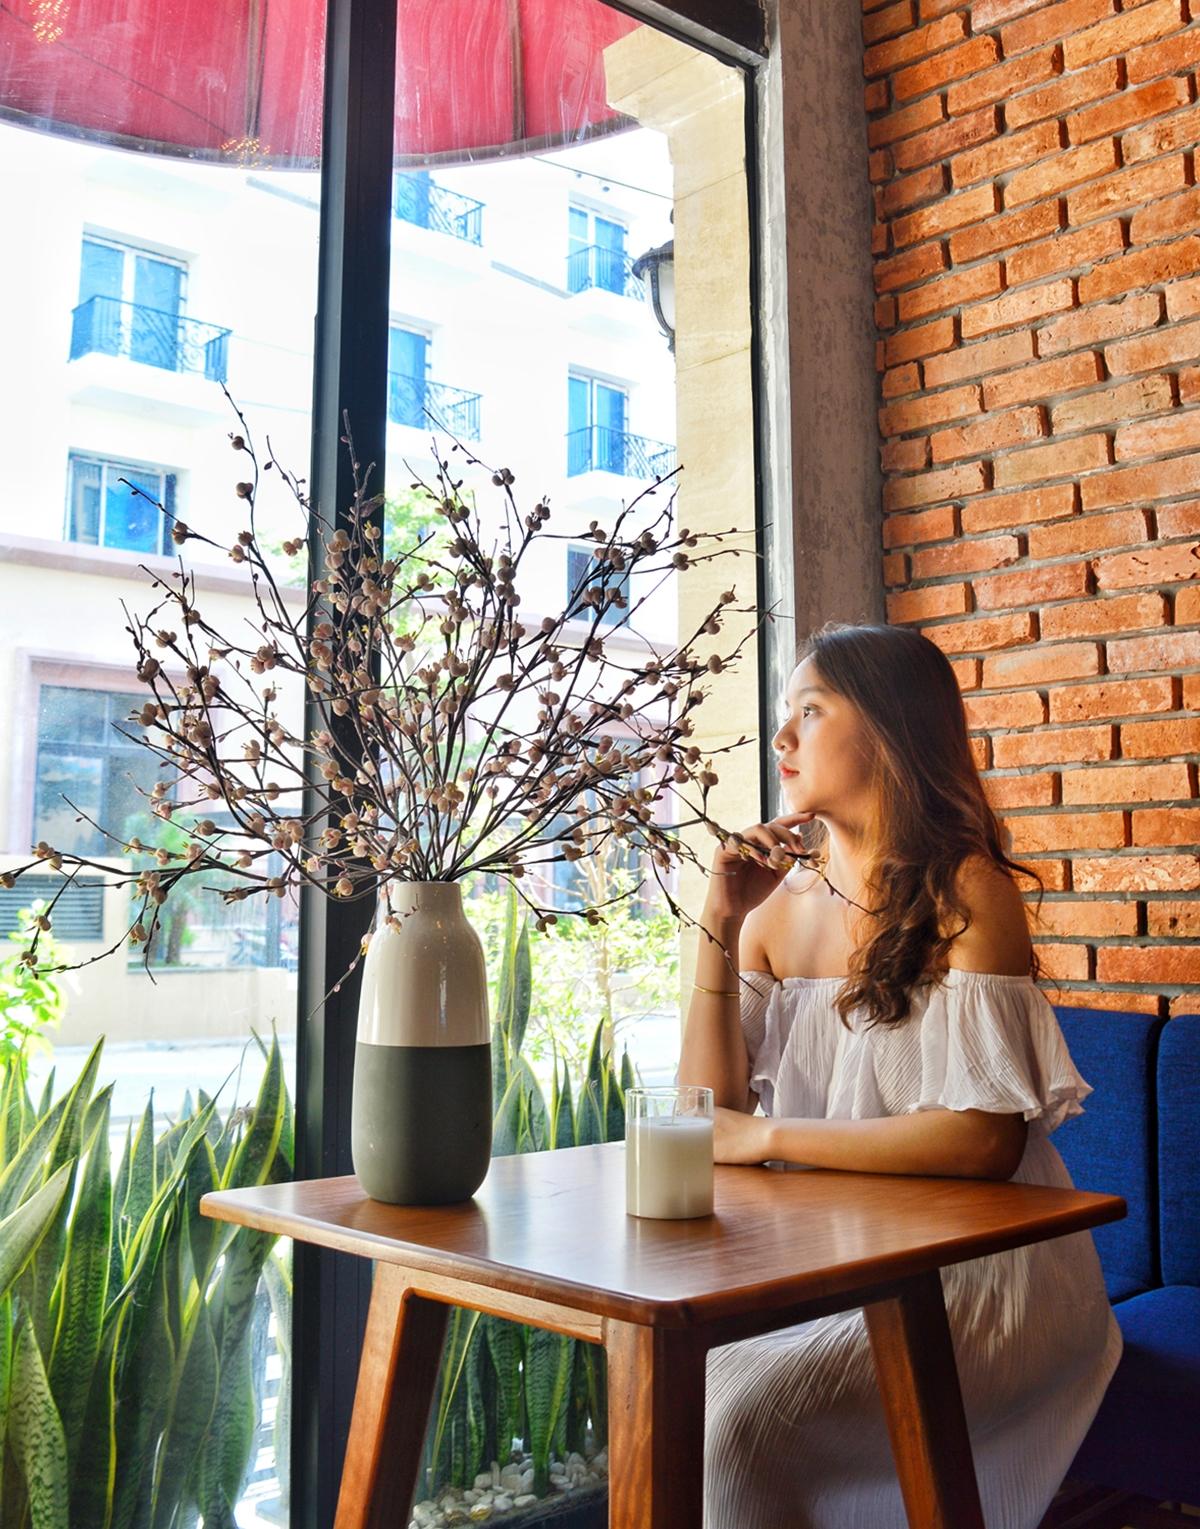 Ở tầng trệt là quán cà phê. Nhiều du khách lẫn người dân cố đô thích thưởng thức vị cà phê muối Huế và trà vừa bổ khỏe, đẹp da, hỗ trợ hệ miễn dịch, tiêu hóa.